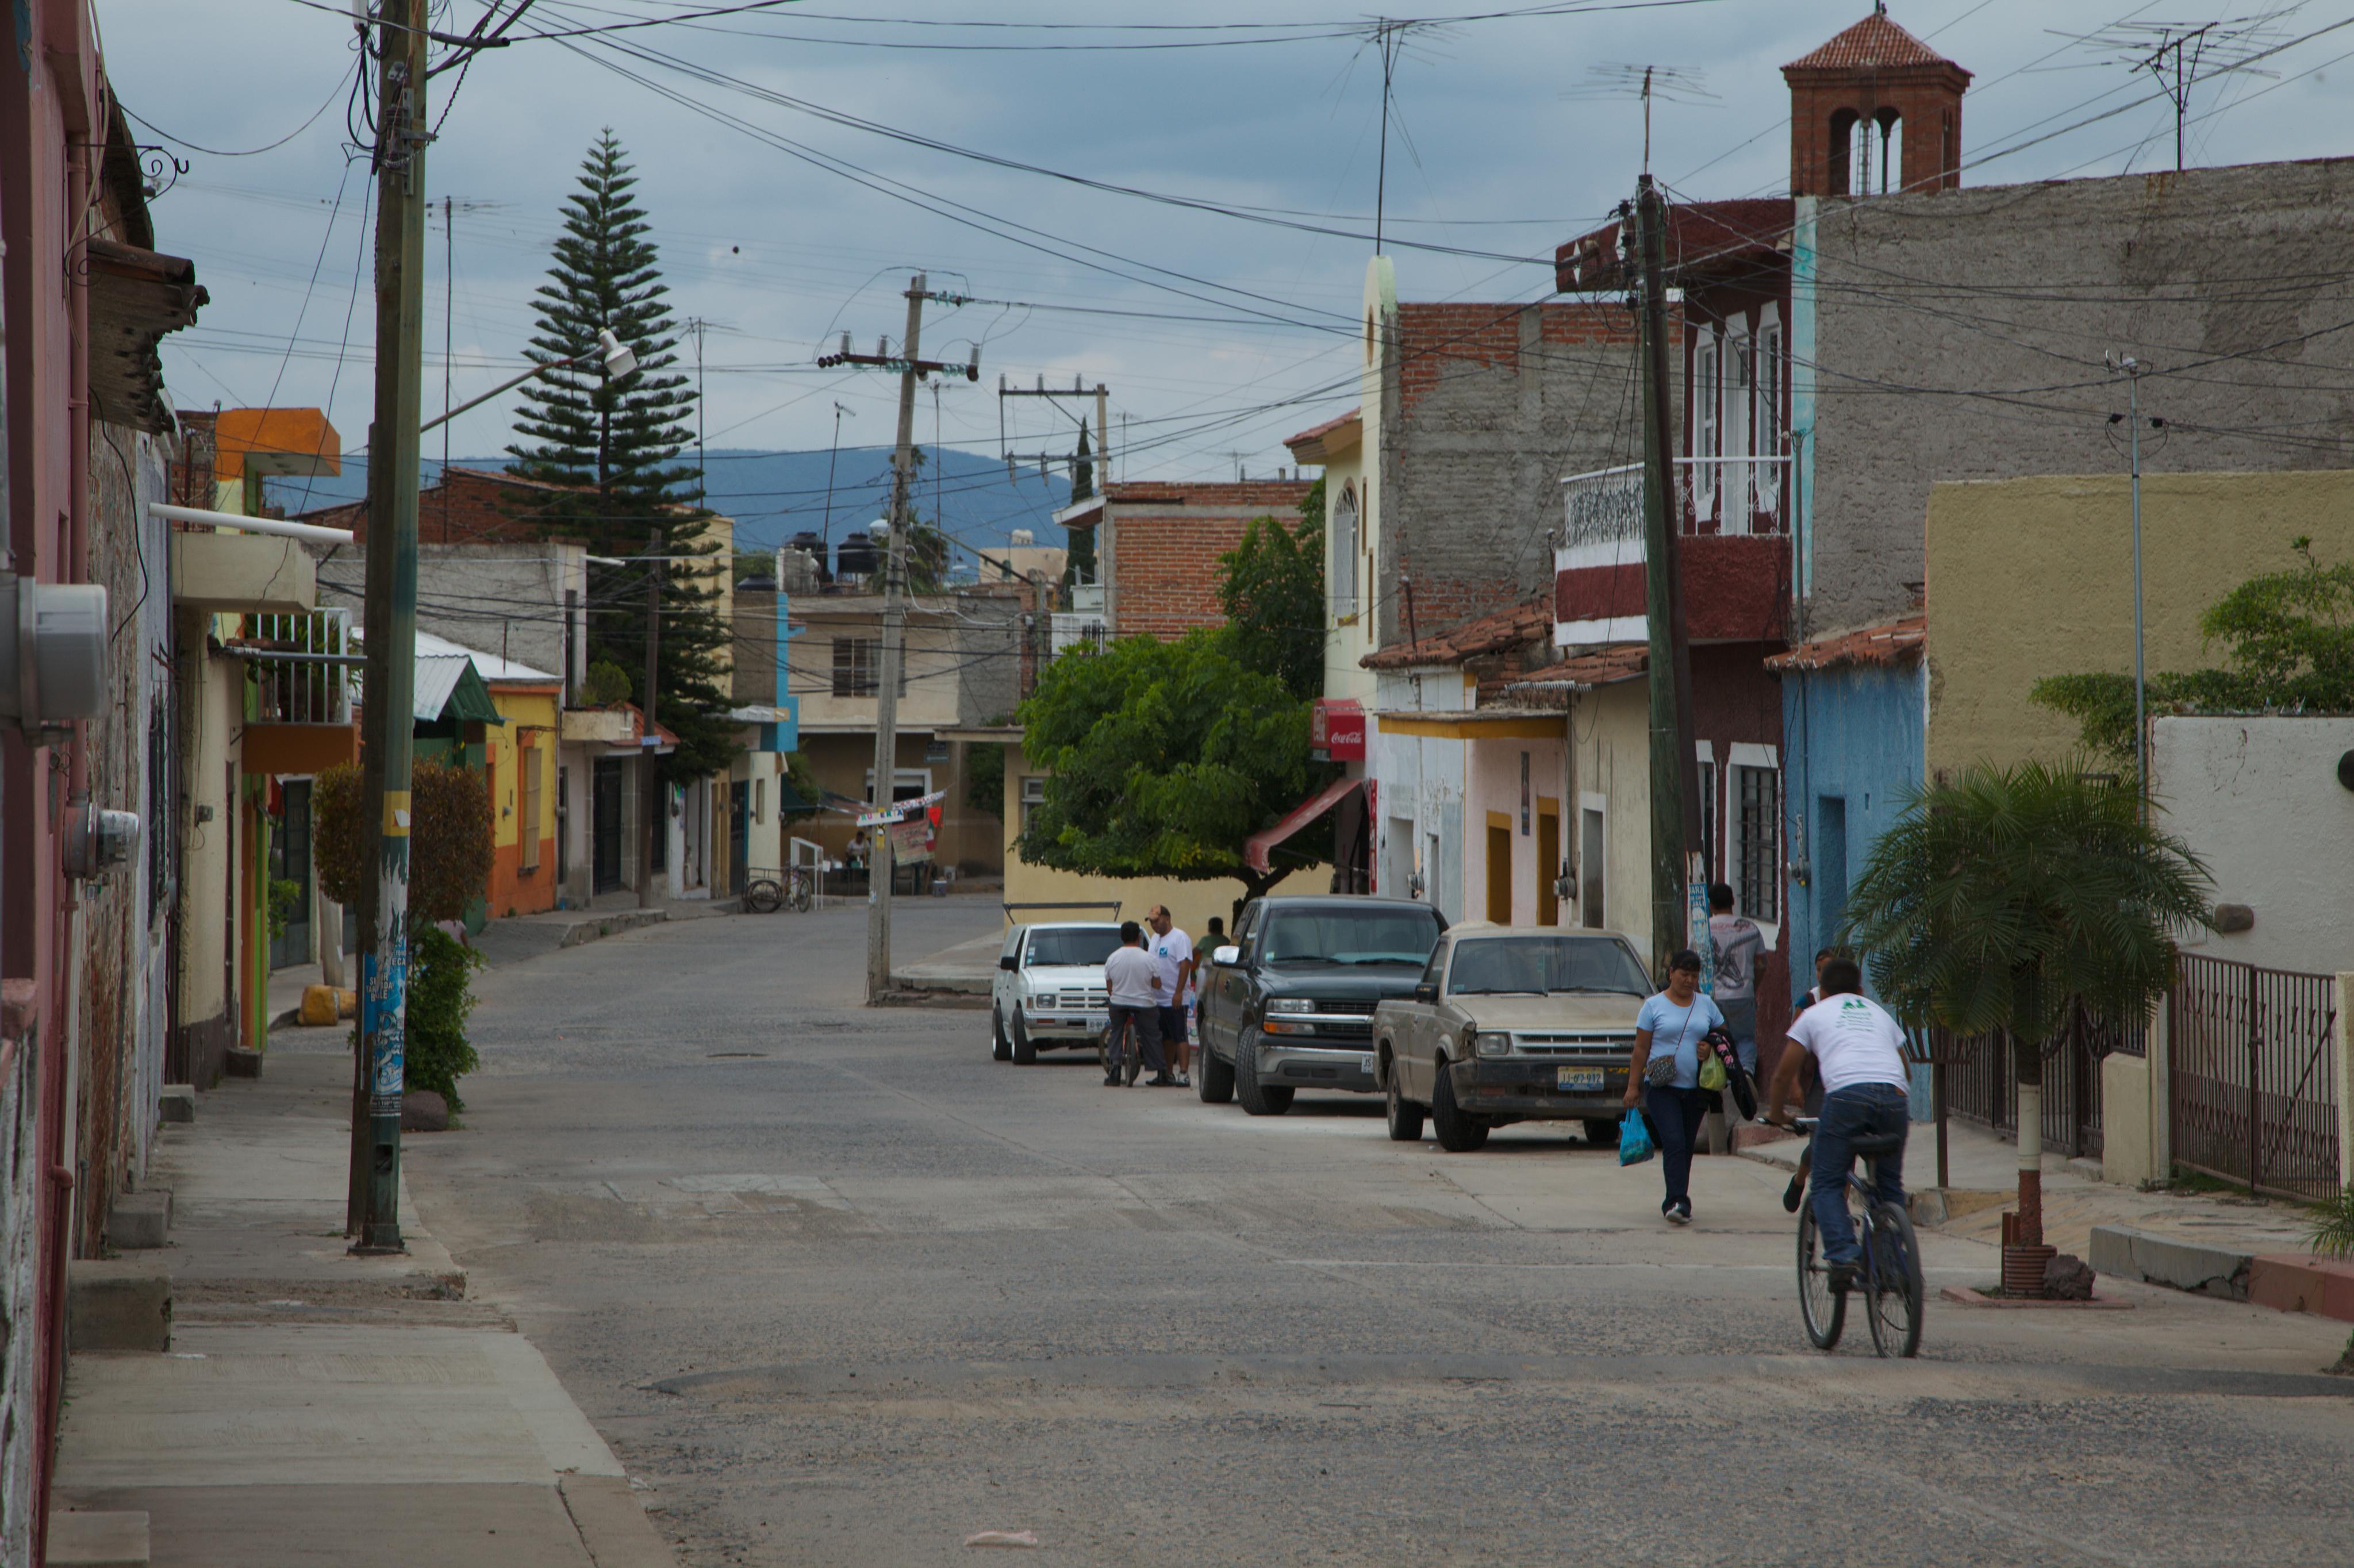 Fotos de ameca jalisco mexico 91